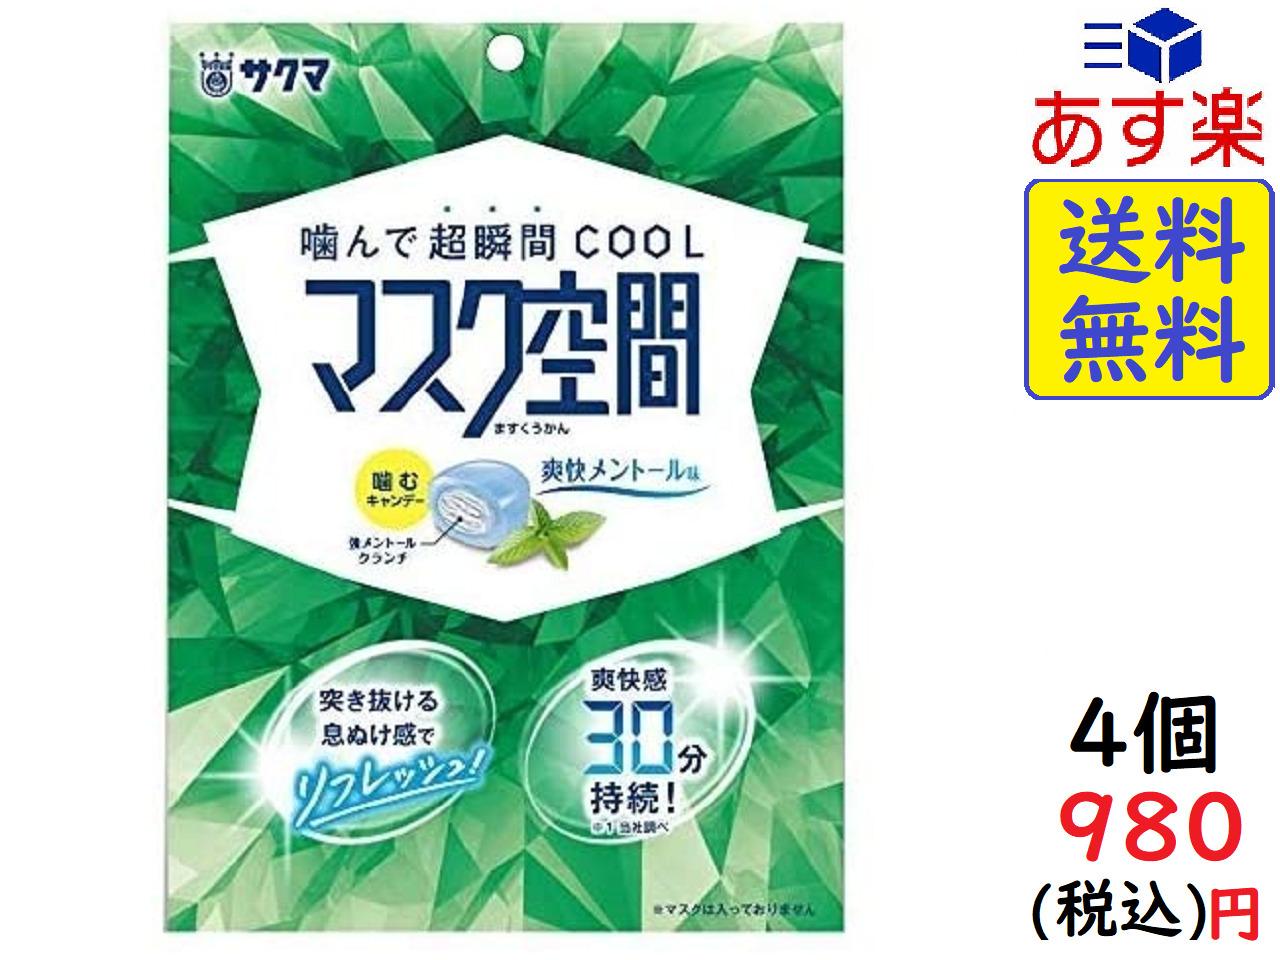 送料無料 あす楽対応 ポスト投函 サクマ製菓 マスク空間 NEW 64g×4袋 賞味期限2022 セール商品 08